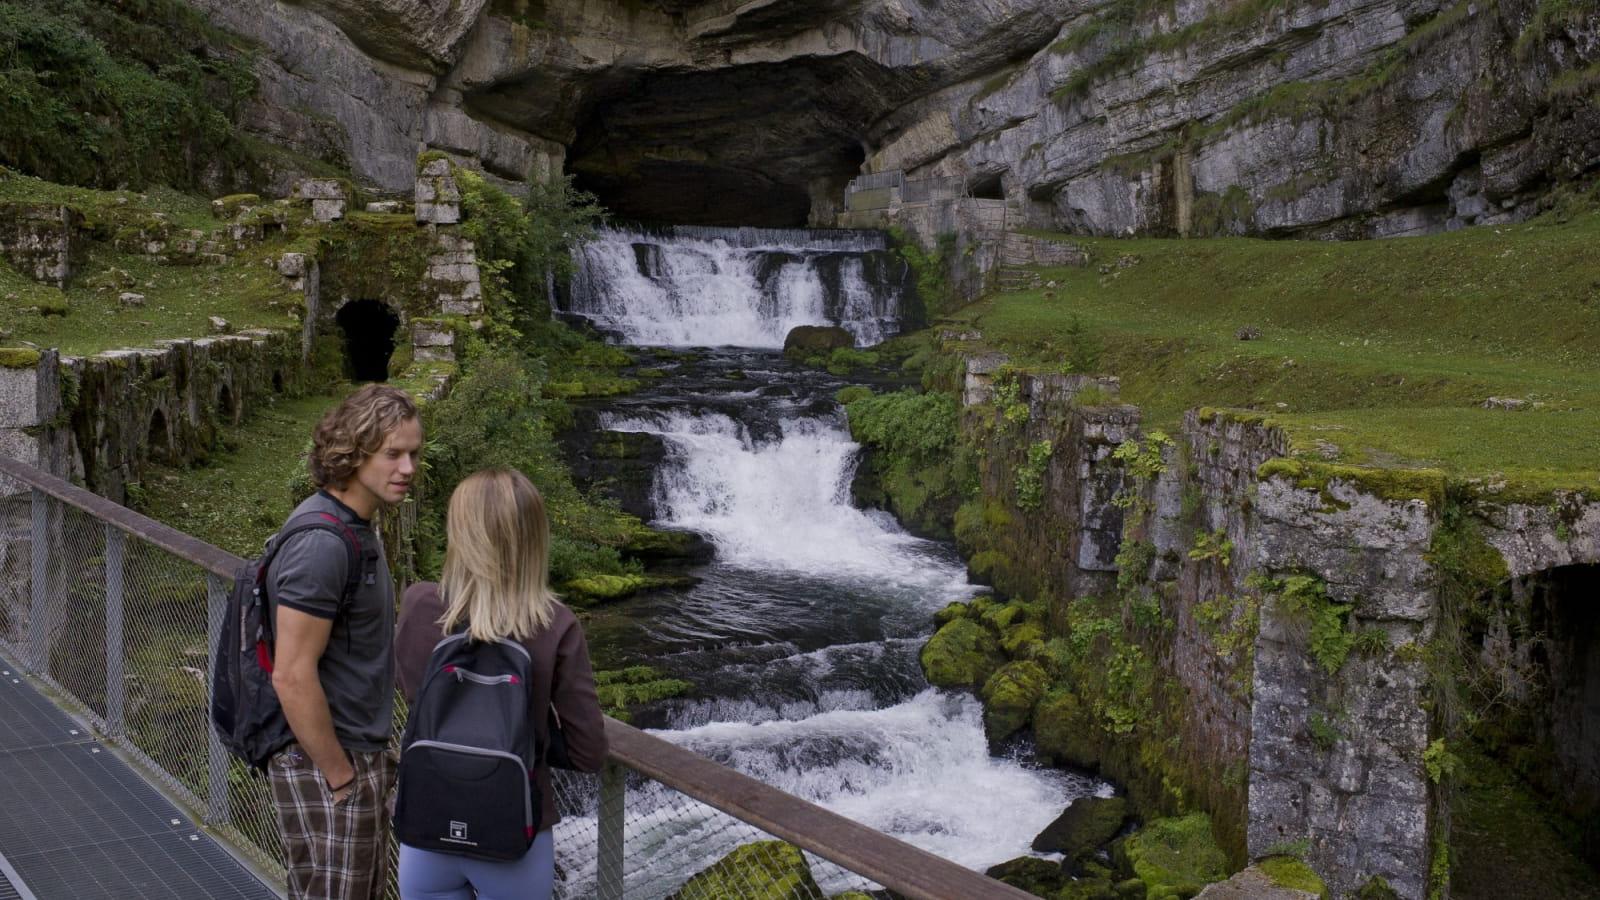 Visite et tourisme à la source de la Loue